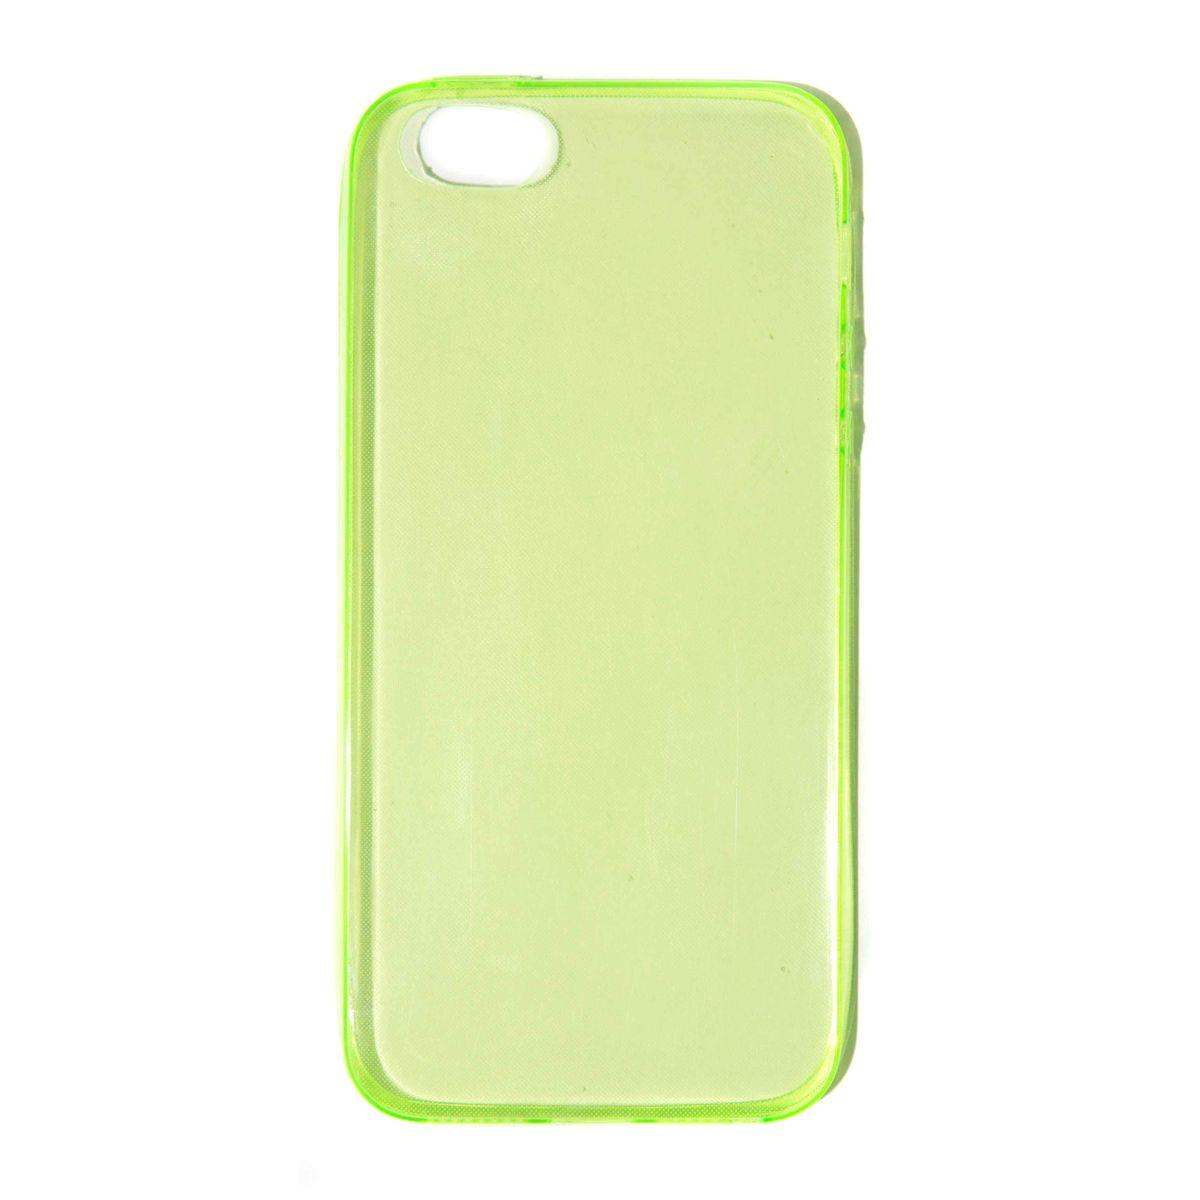 Mitya Veselkov чехол для Apple iPhone 6/6s, PinkIP6.МITYA-215Оденьте свой любимый iPhone! Чехол Mitya Veselkov для iPhone 6/6s не просто средство защиты от царапин и внешних повреждений, но и модный аксессуар, который сделает ваш образ завершенным. Это стильная и элегантная деталь вашего образа, которая всегда обращает на себя внимание среди множества вещей.